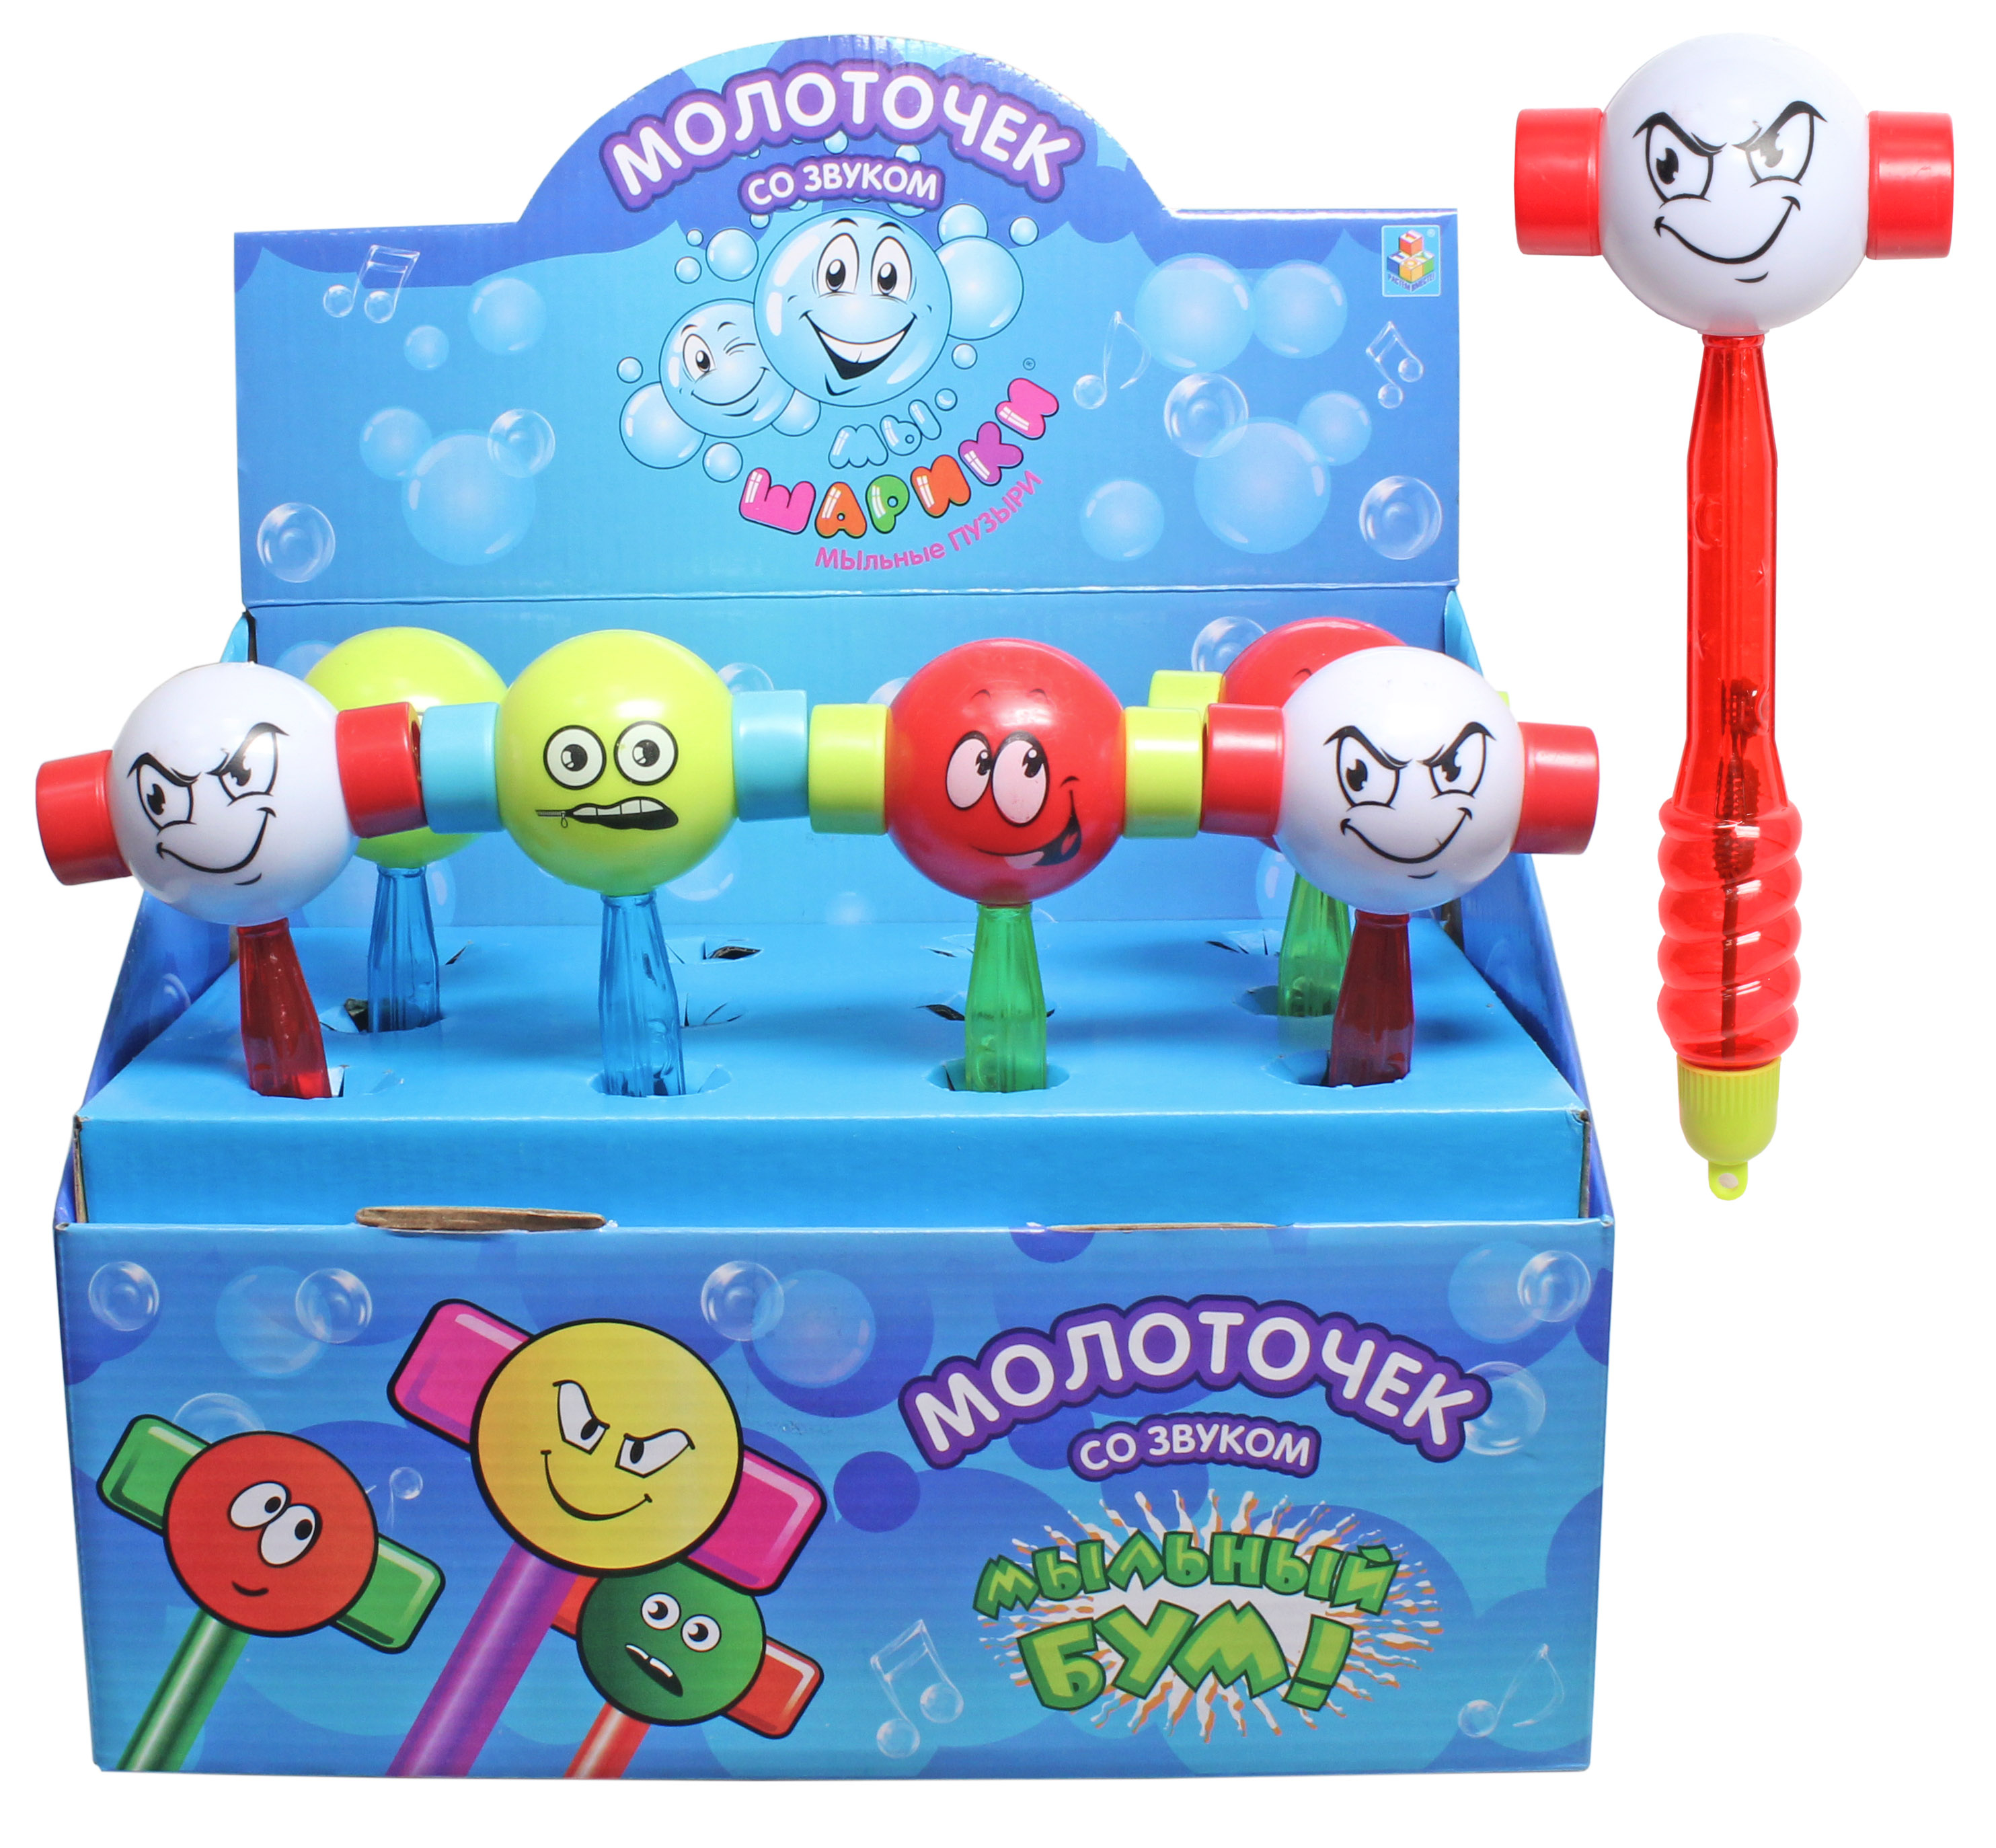 Мыльные пузыри 1toy Мы-шарики: Игрушка-молоточек